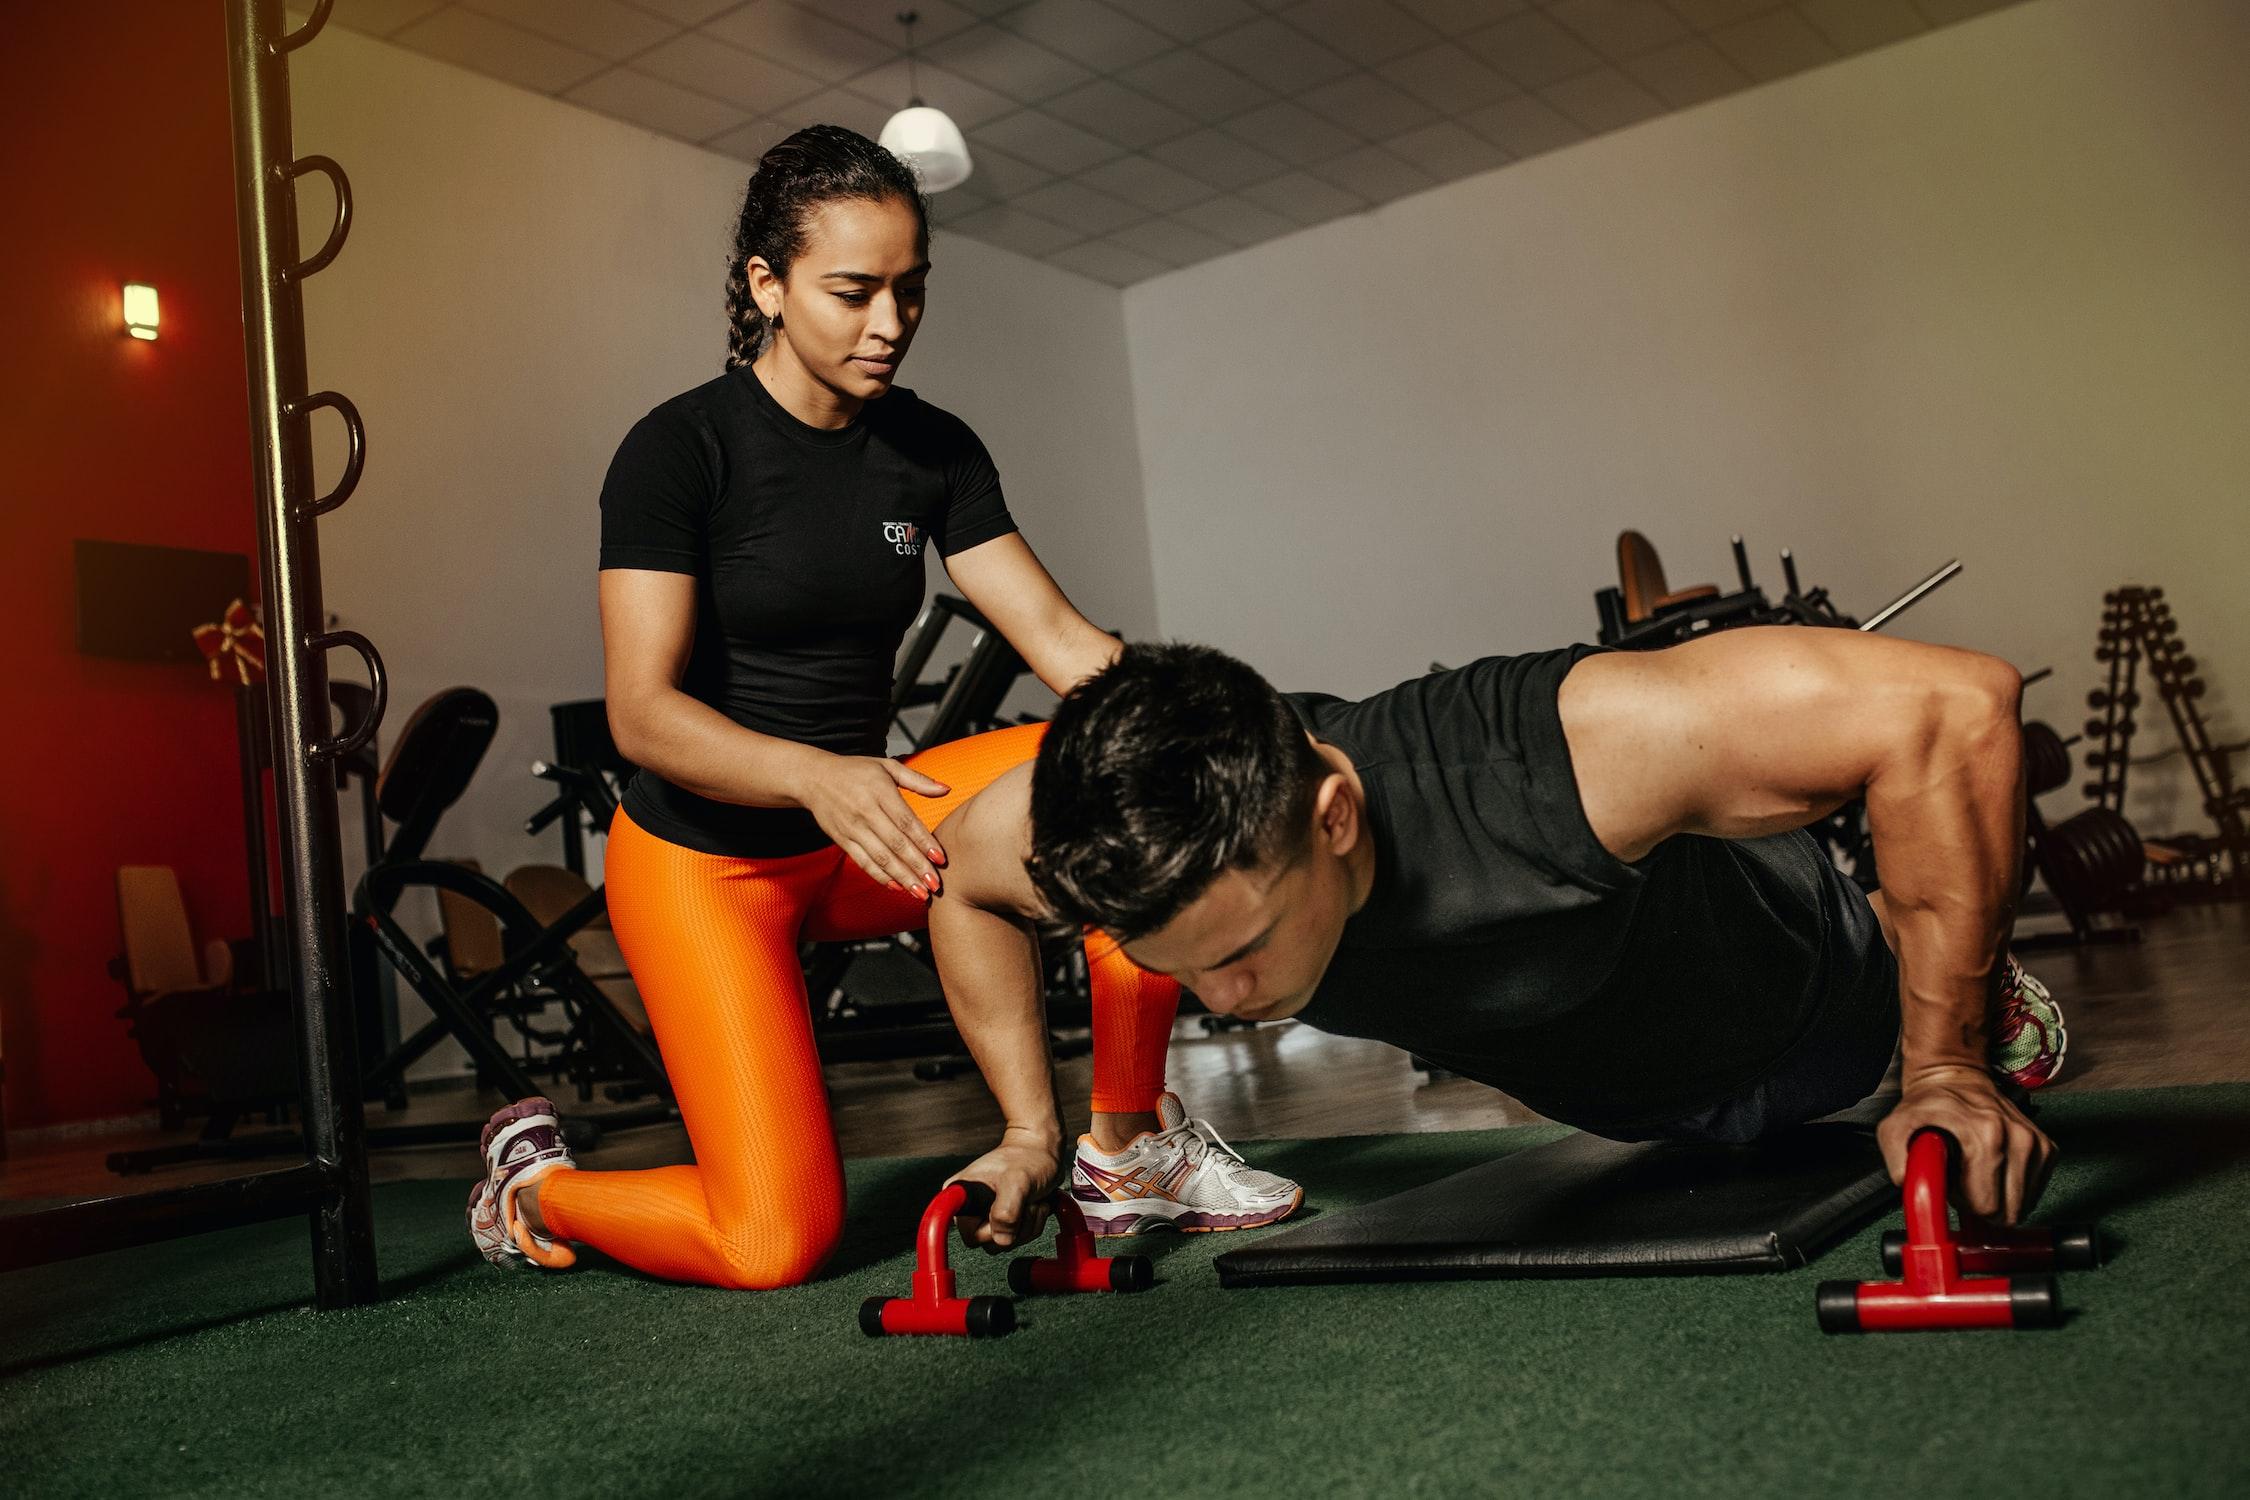 Håndtag til at lave armbøjninger, armstrækninger og pushups